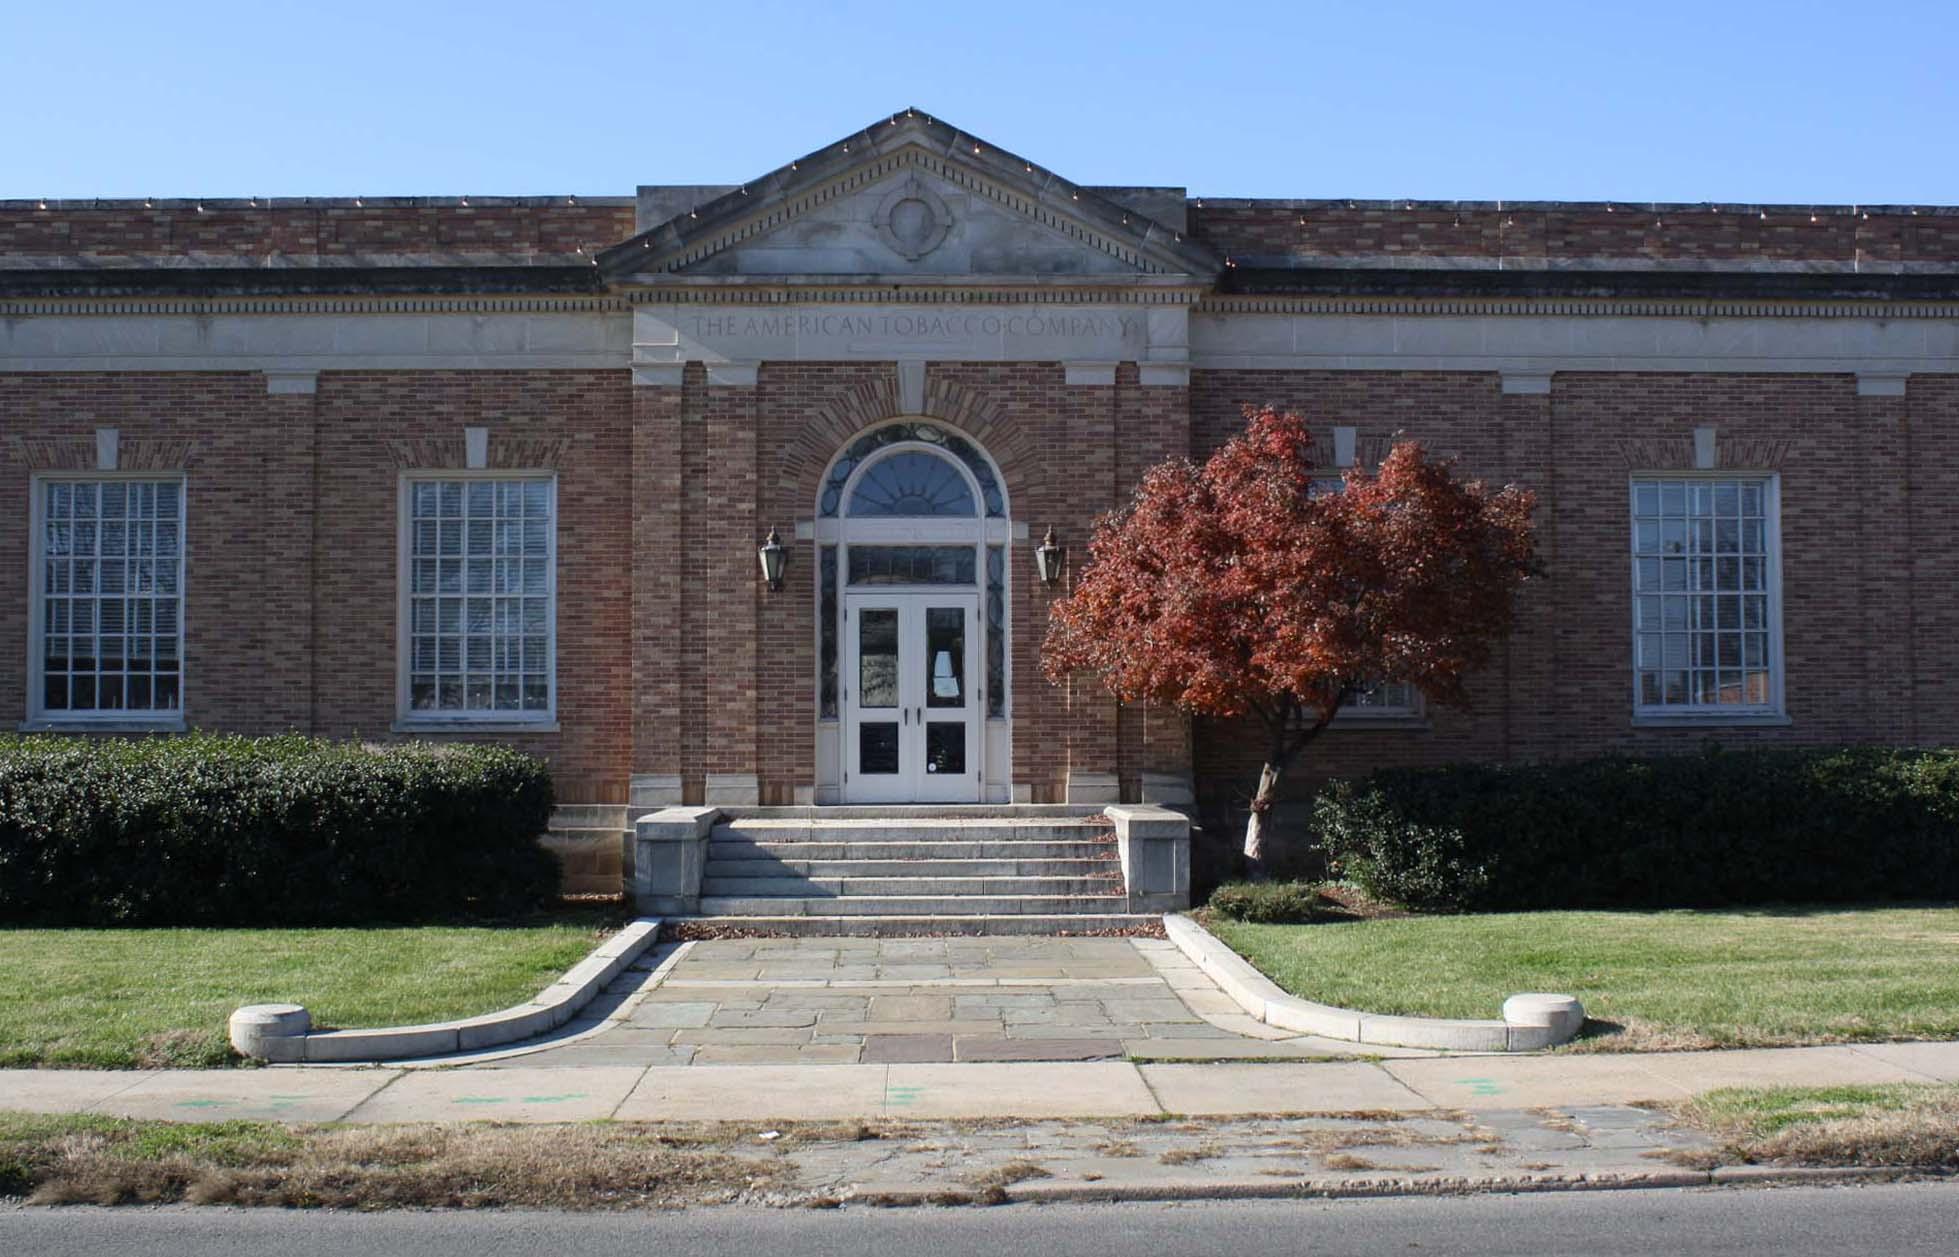 American Tobacco Company South Richmond Complex Historic District